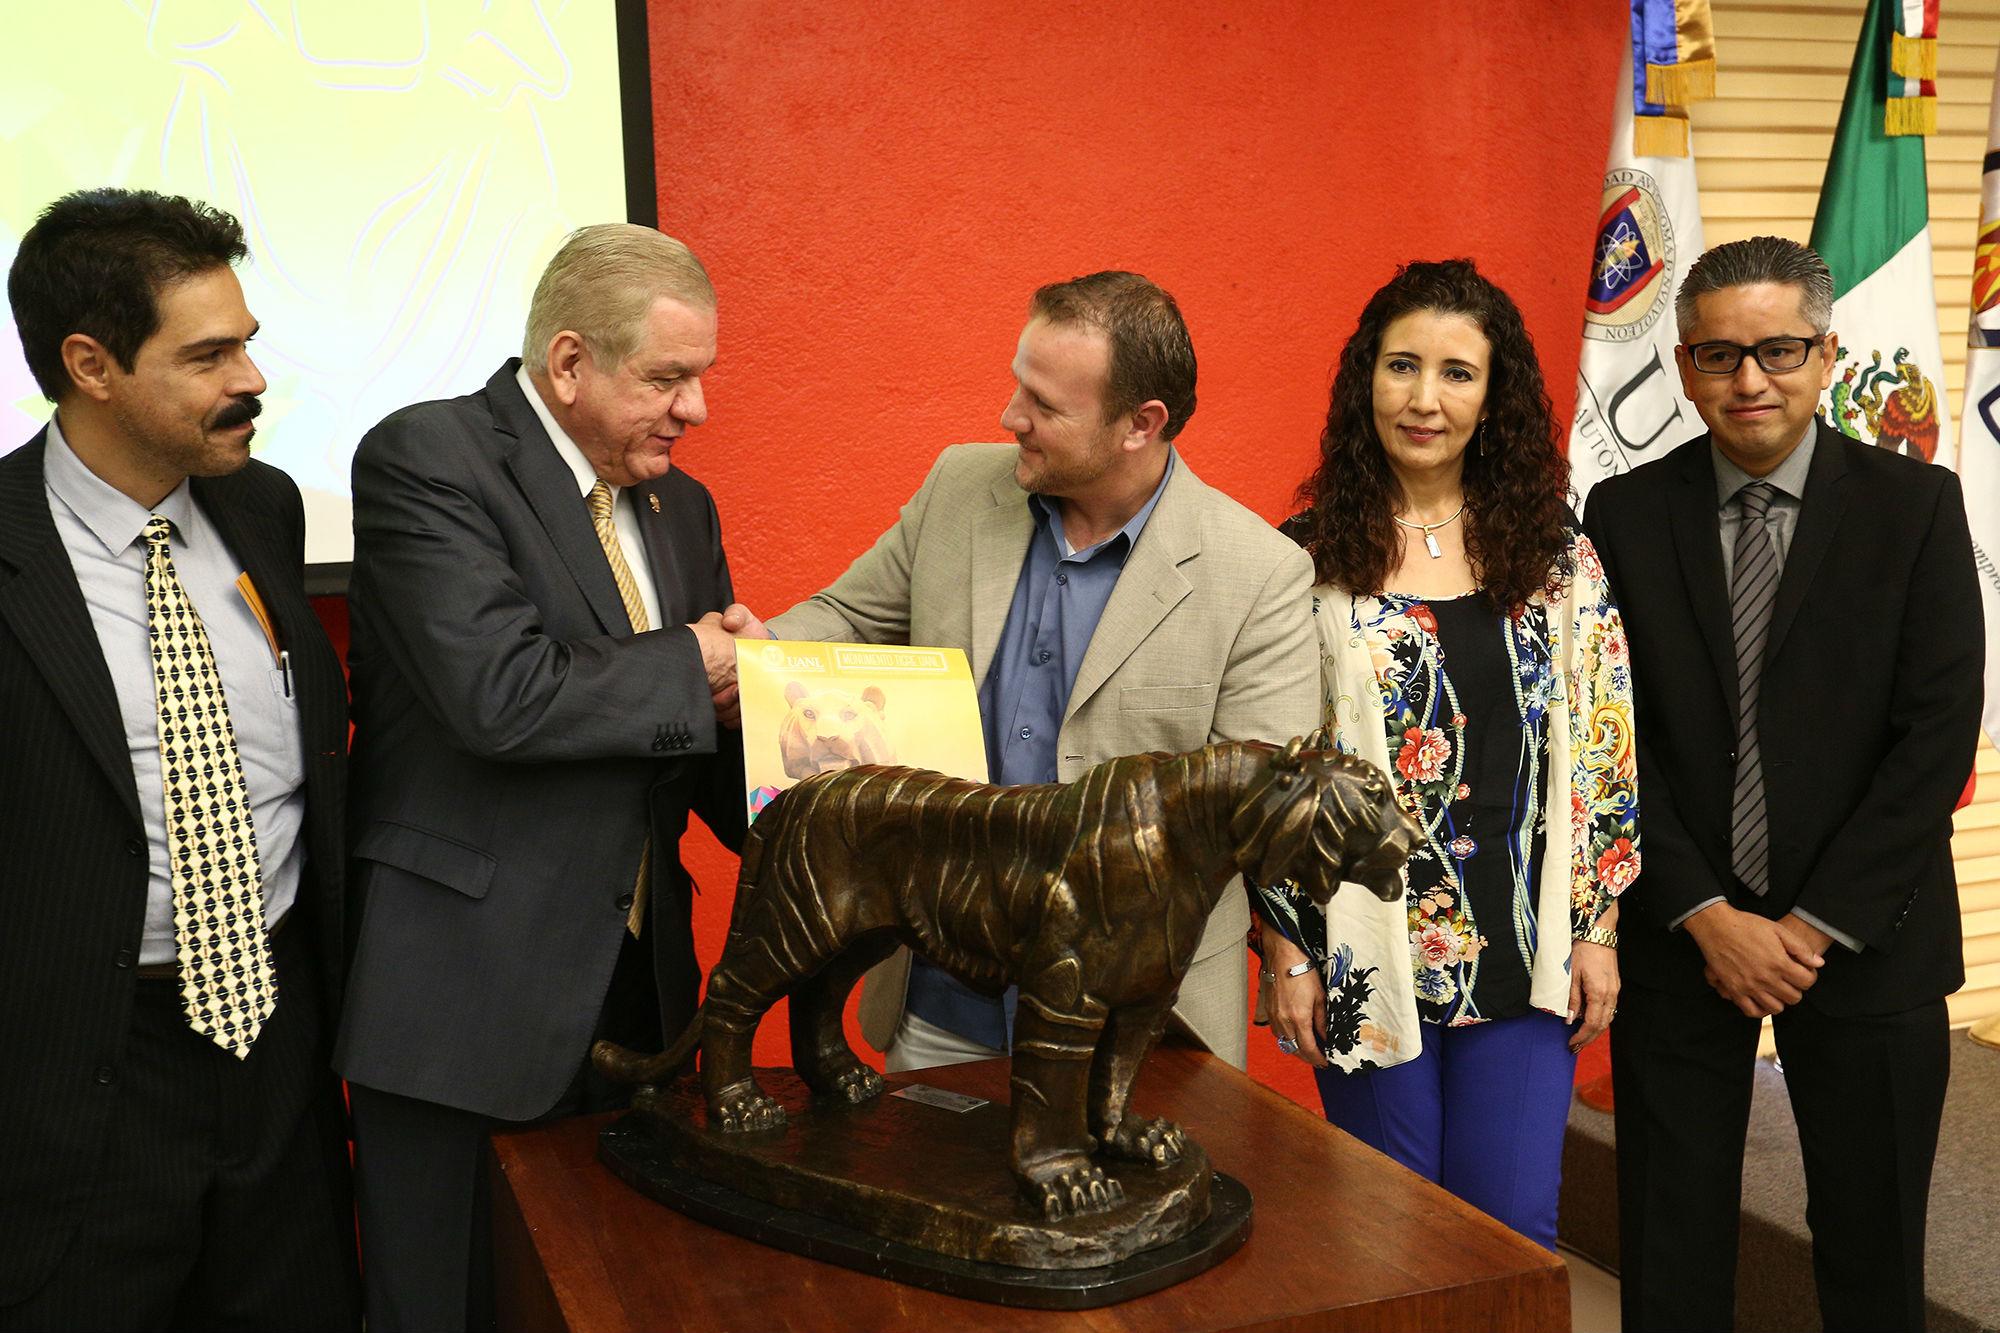 La UANL entregó a Arca Continental una escultura de El Tigre, así como una copia del libro